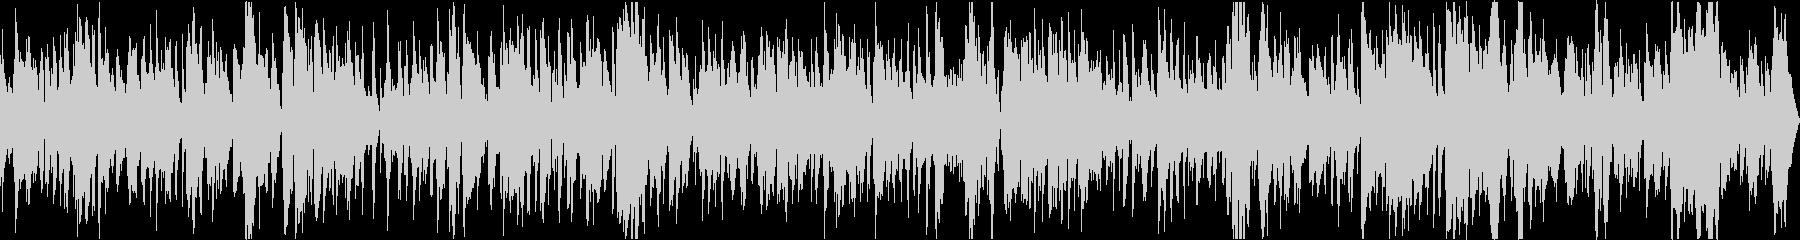 ムーディーなジャズトロンボーンの未再生の波形